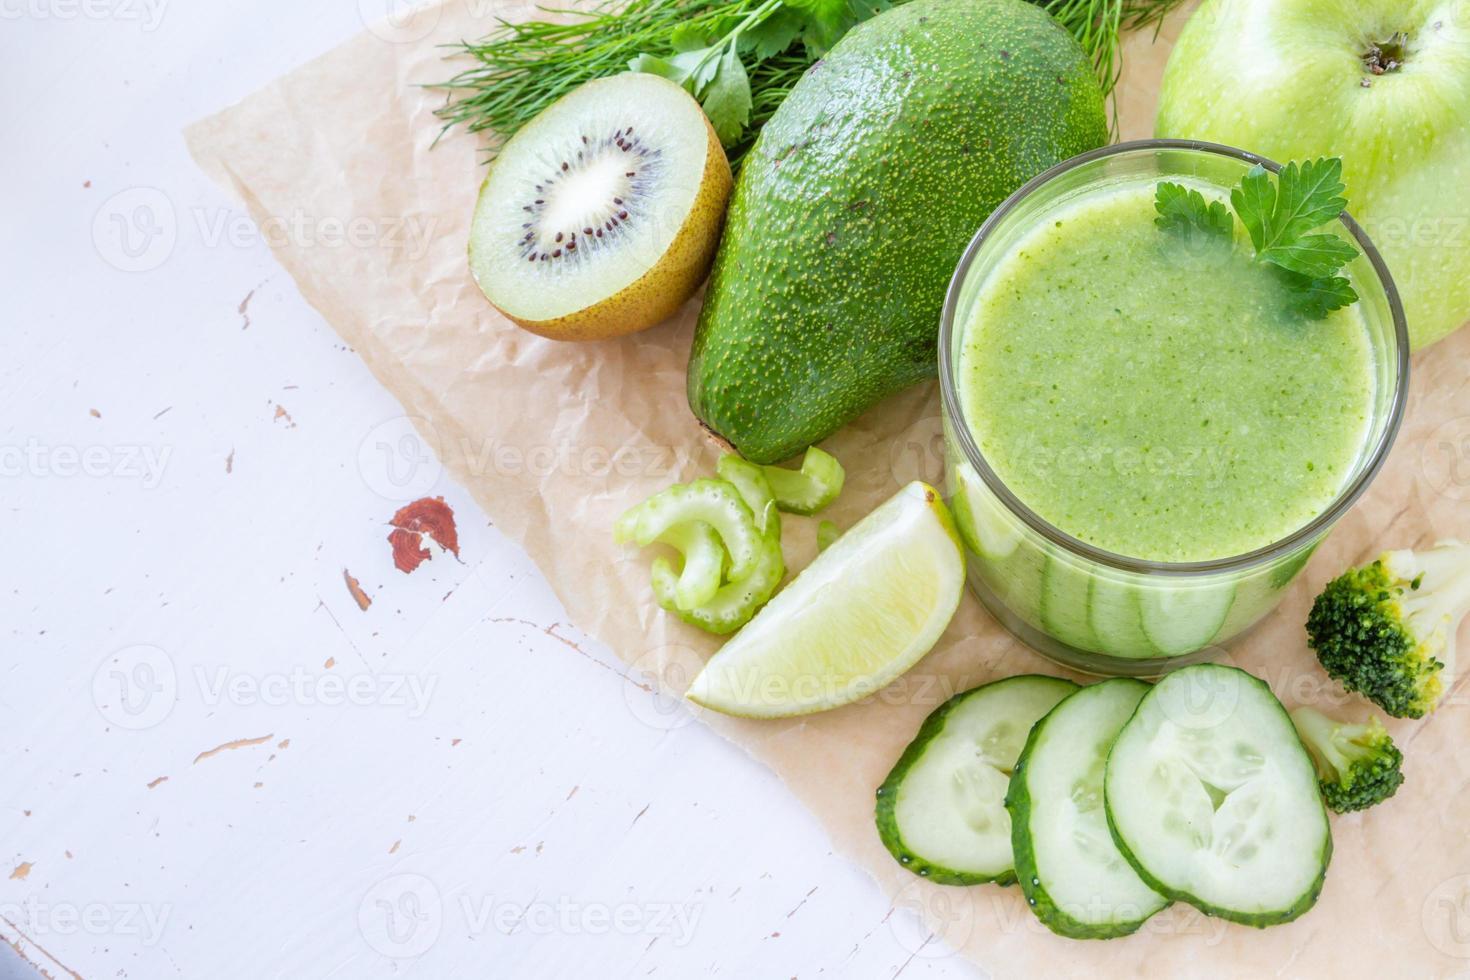 grüner Smoothie und Zutaten - Avocado, Apfel, Gurke, Kiwi, Zitrone foto